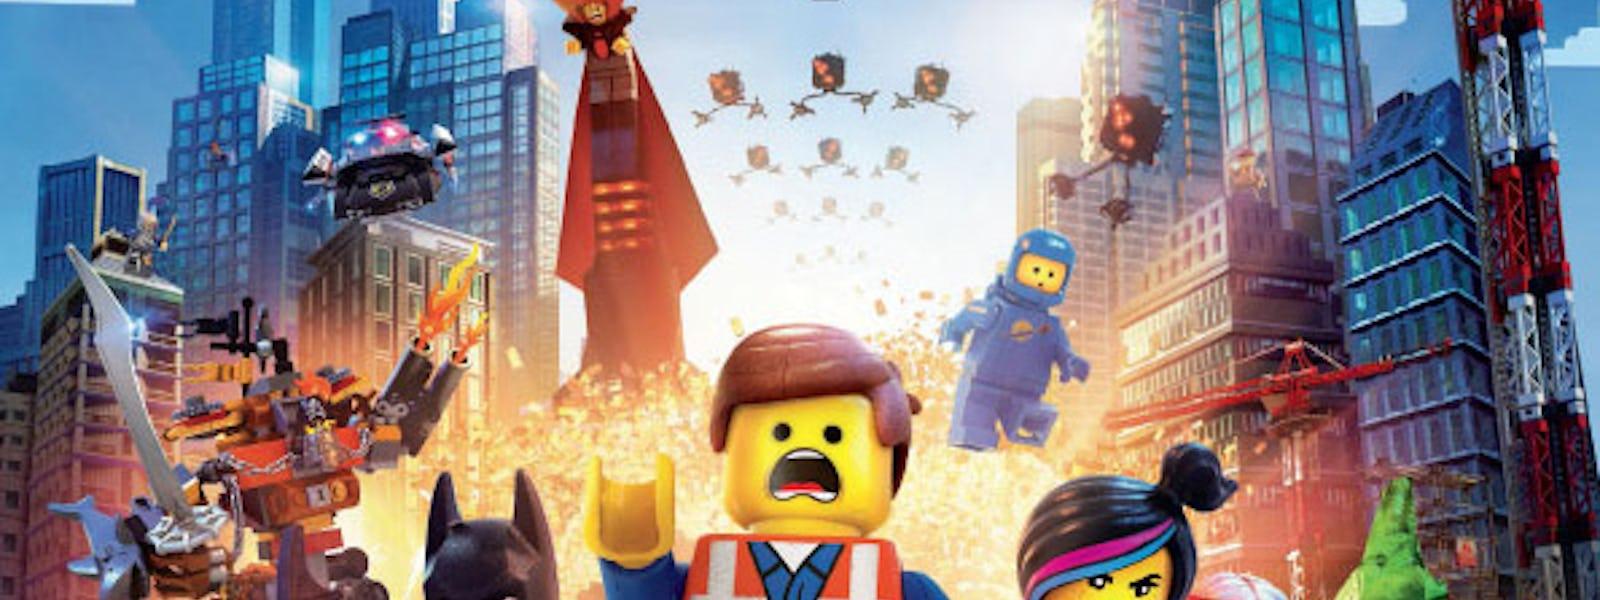 Bild - Bokskogsbio Lego-filmen